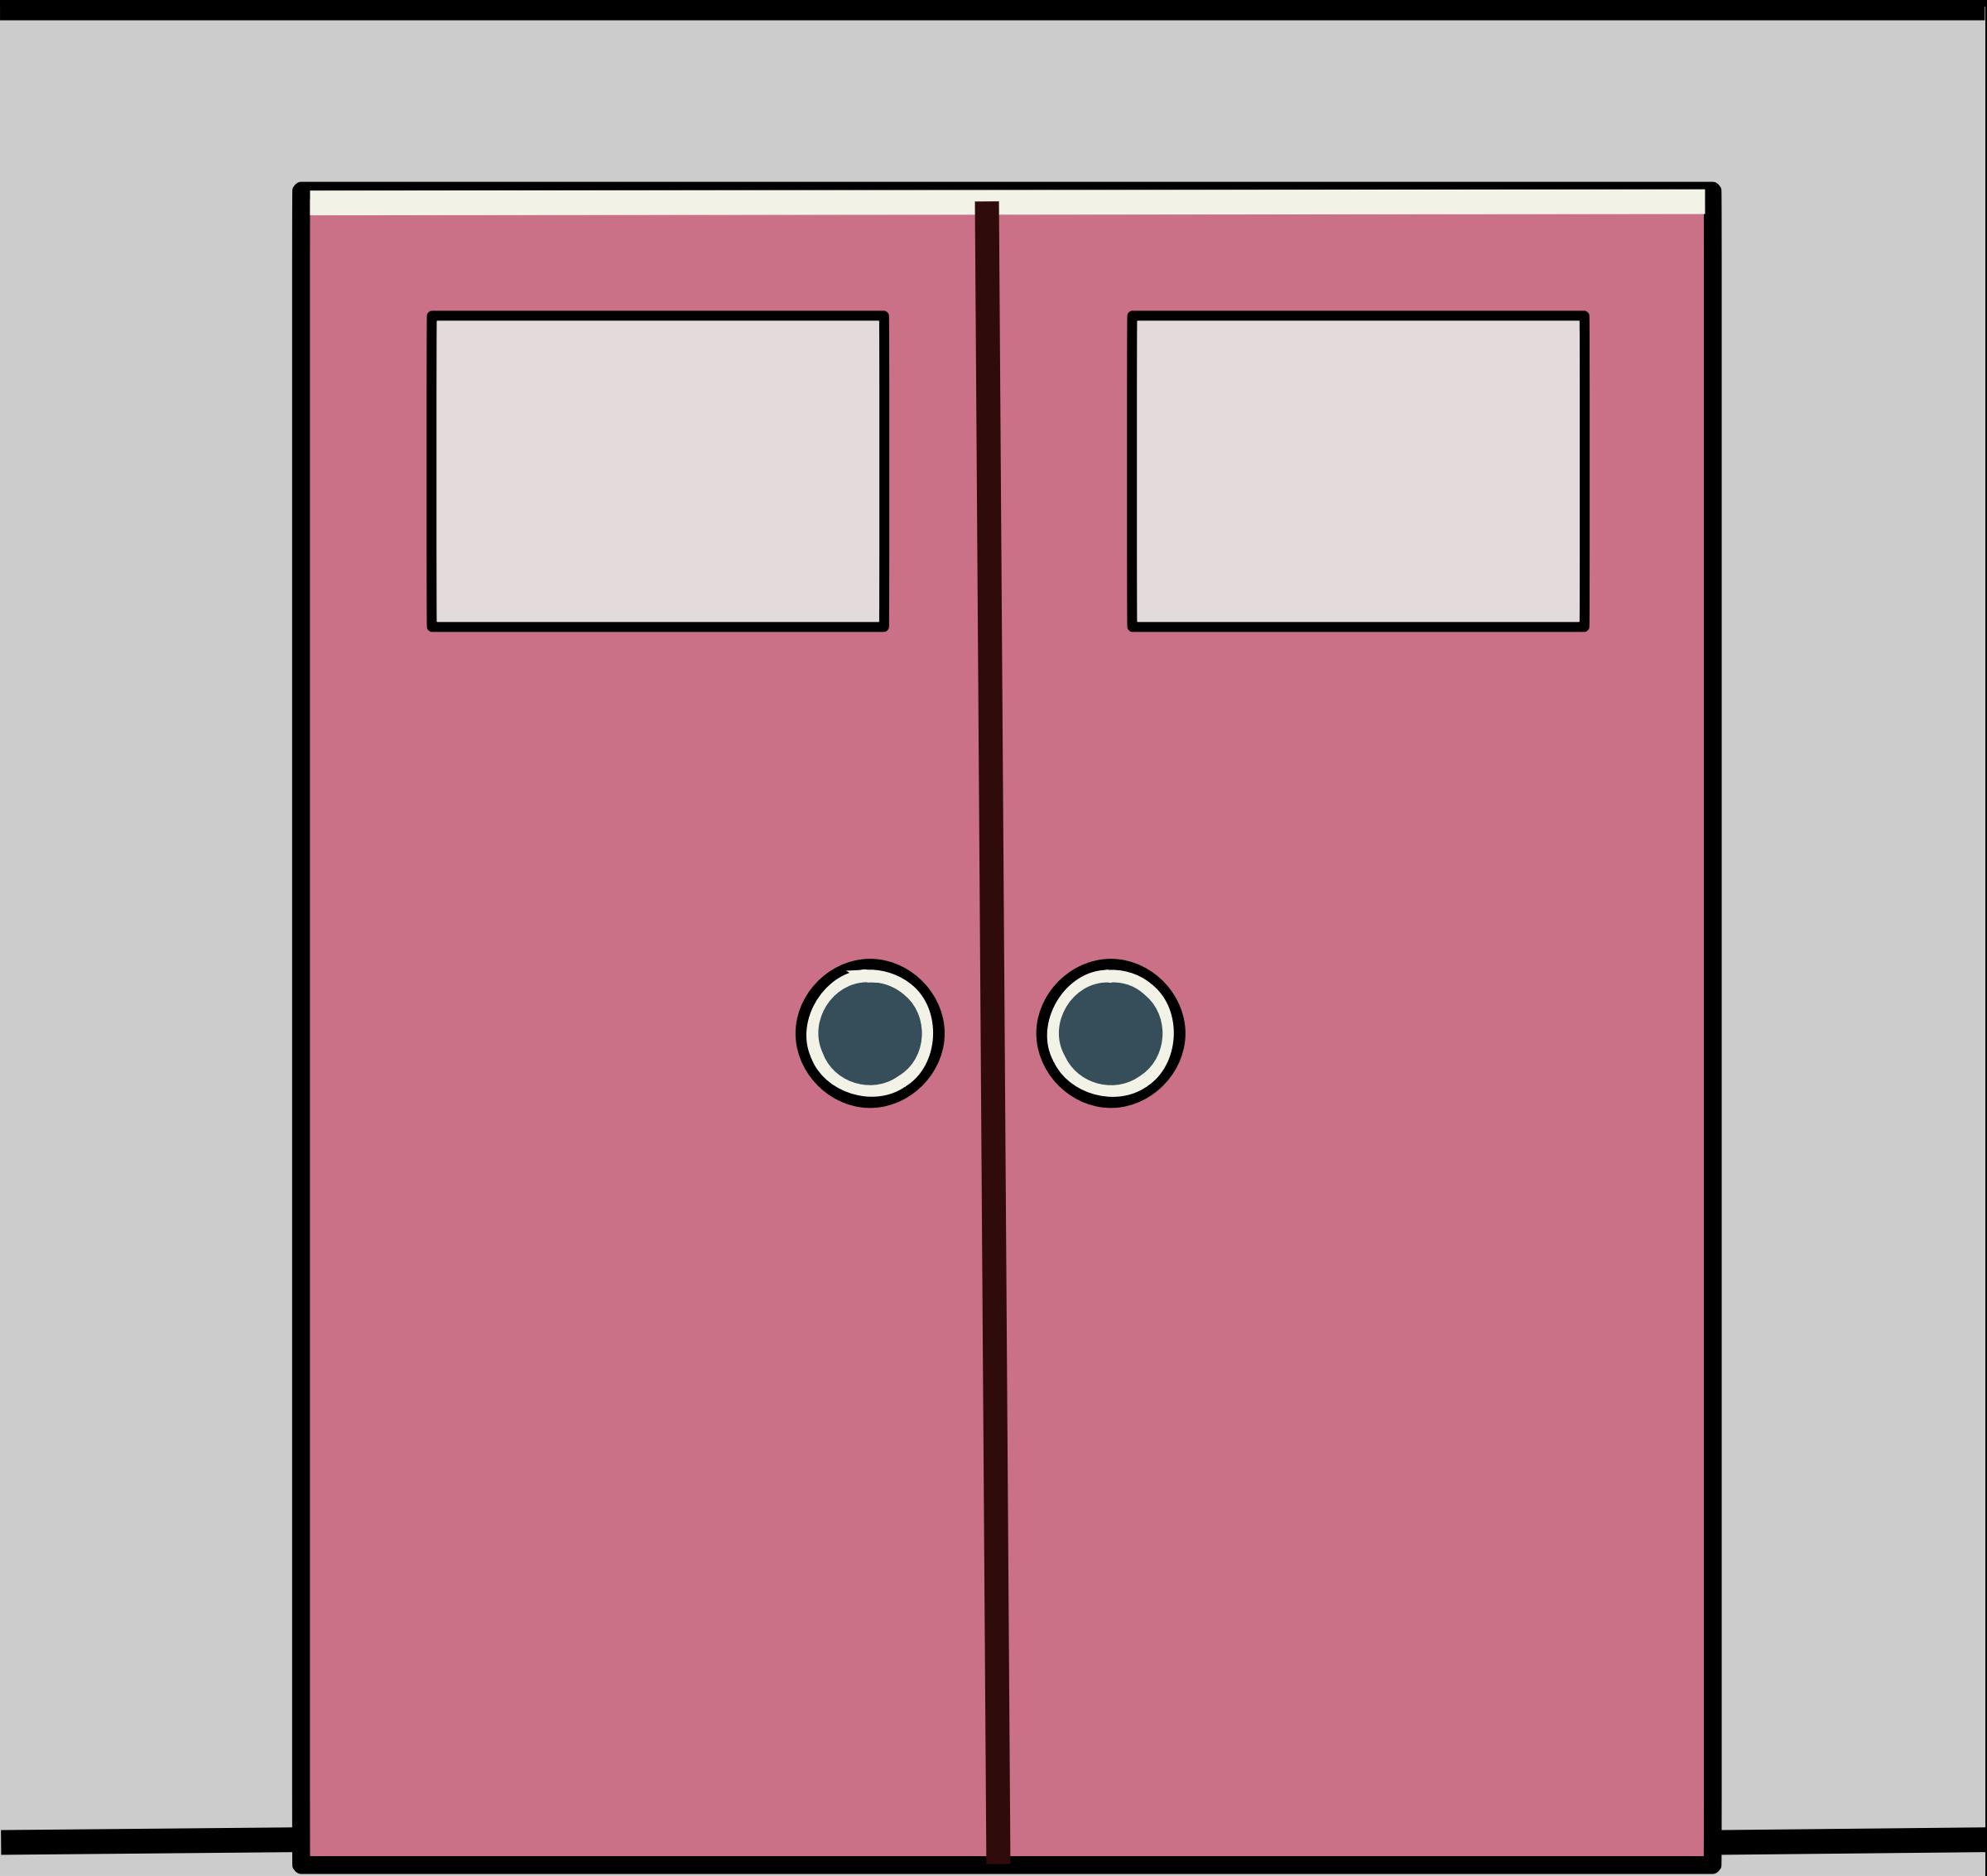 Double door clipart - Double Door Stock Vectors Clipart And Illustrations